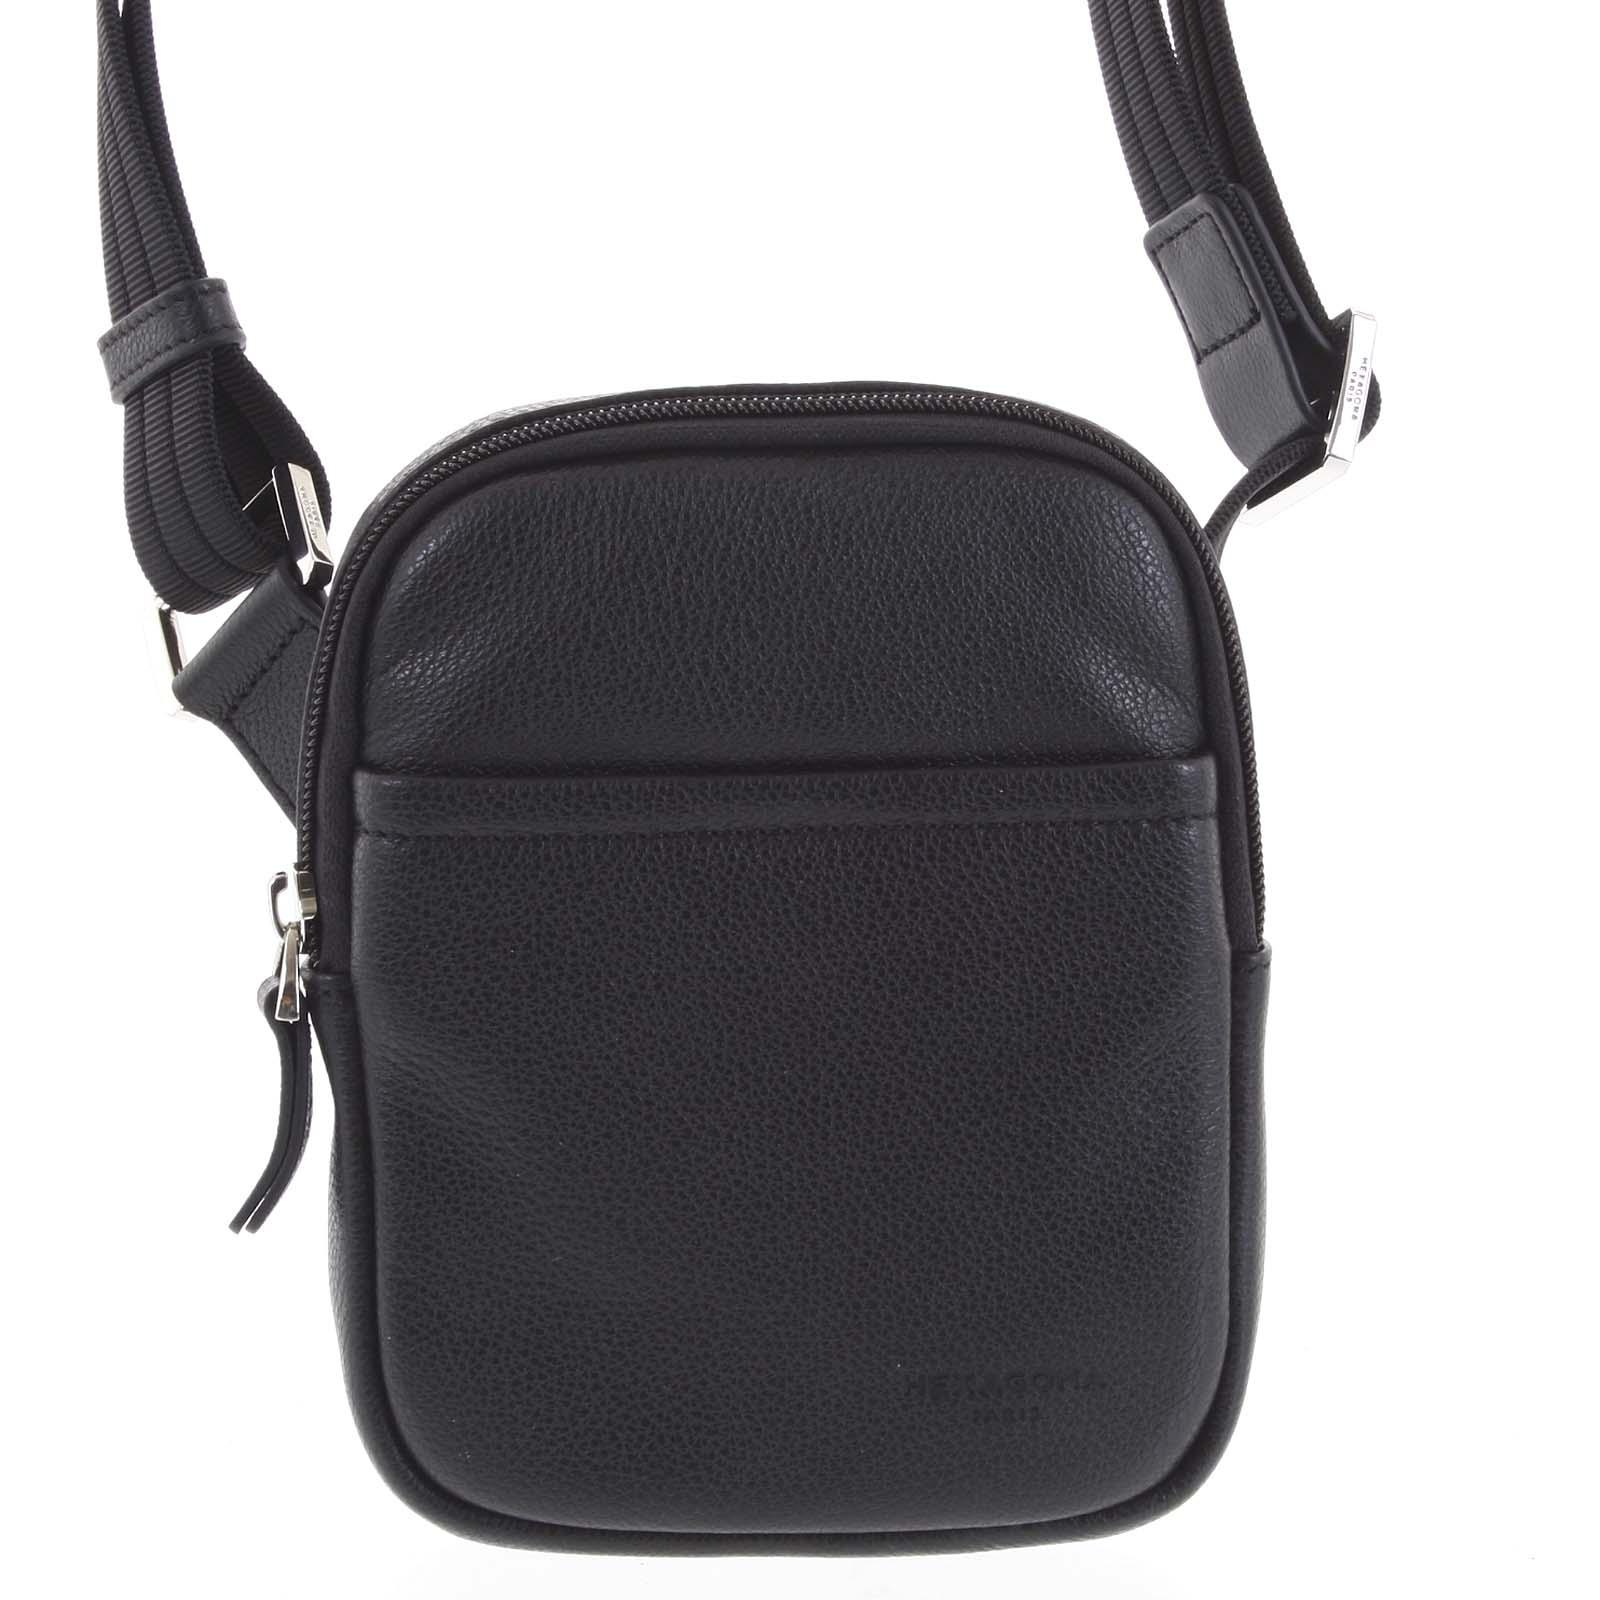 Pánská kožená taška na doklady černá - Hexagona Monday